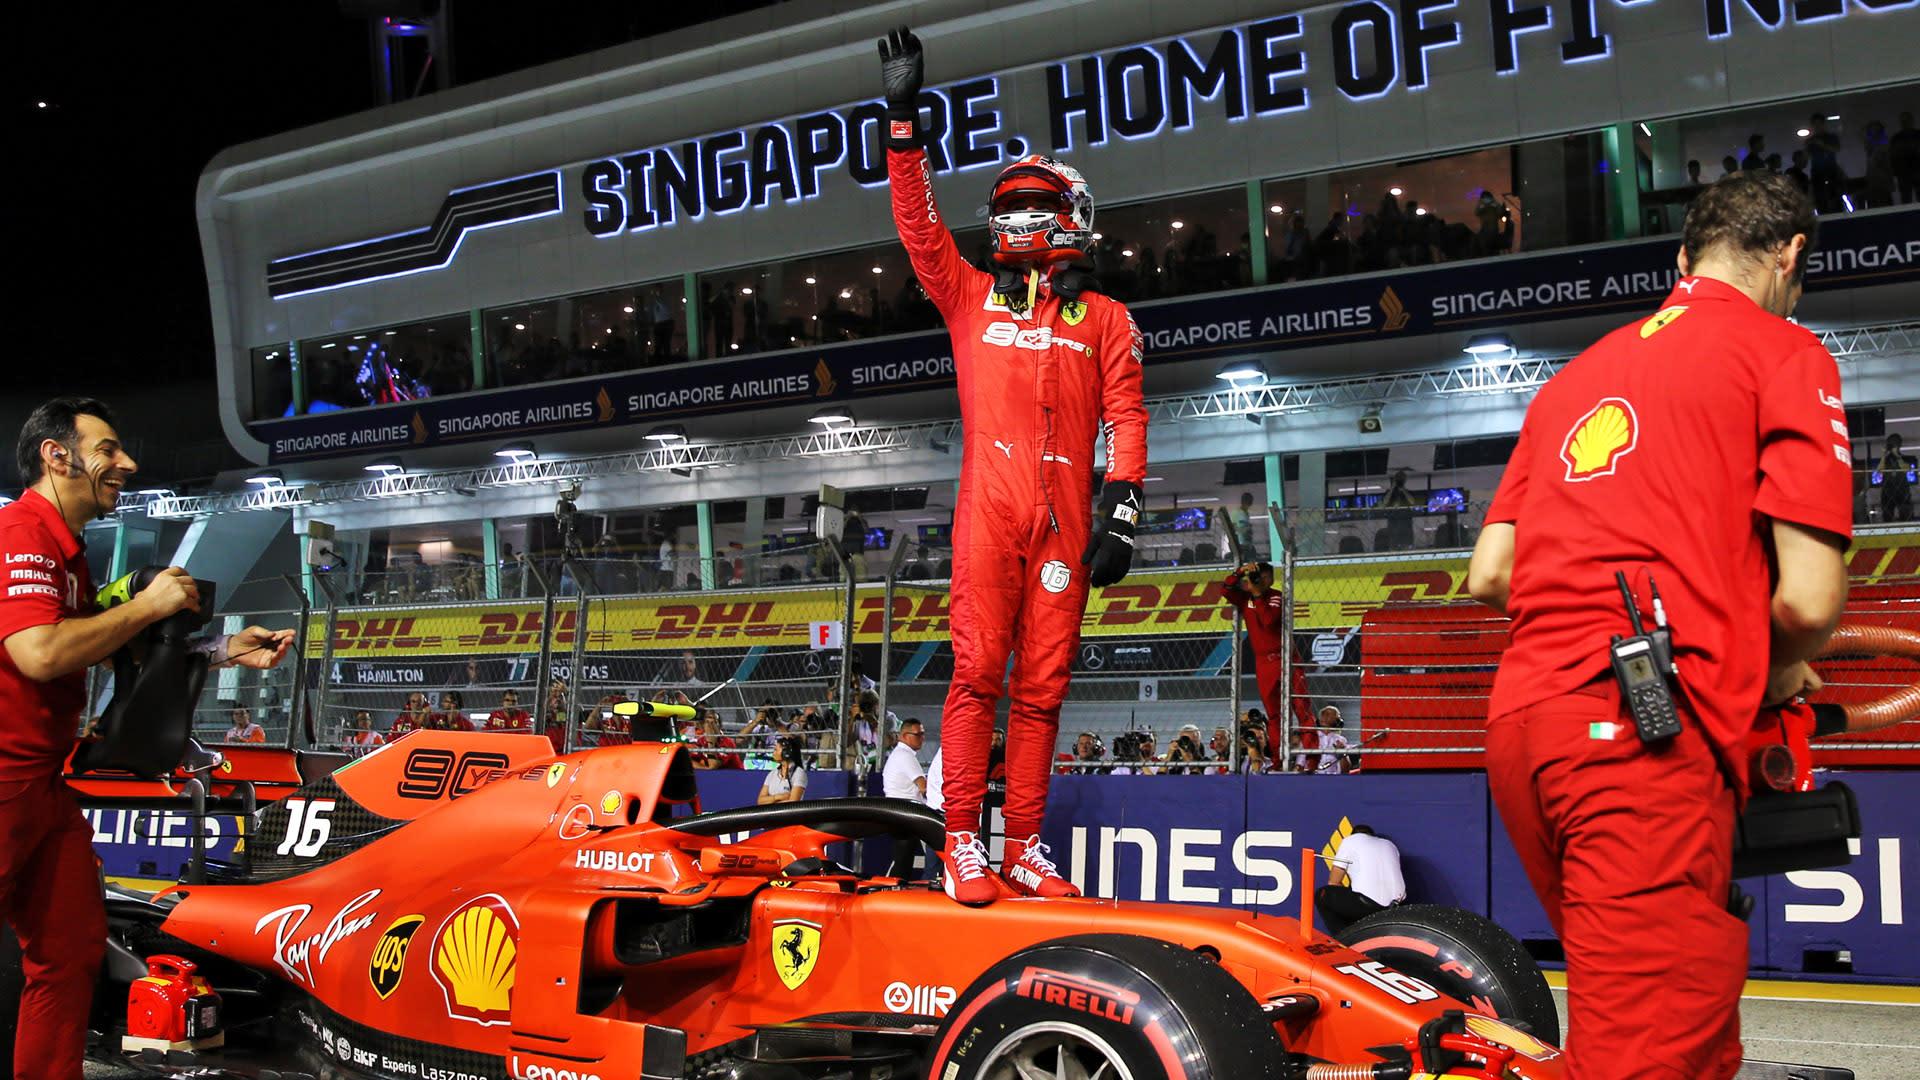 formel 1 singapur 2019